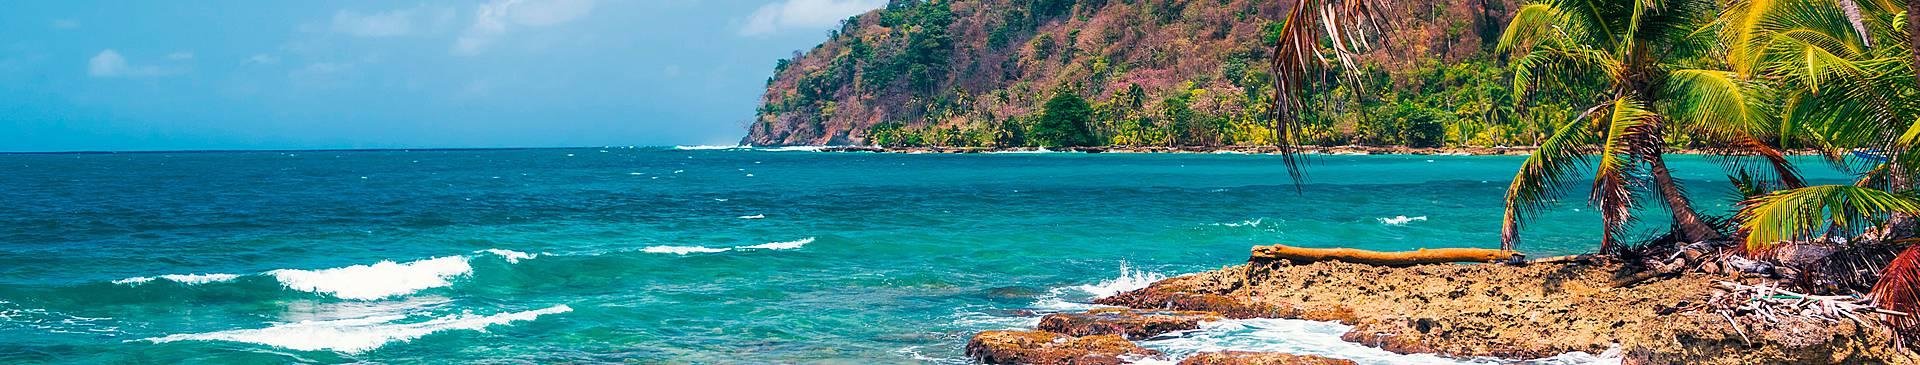 Voyage plage au Panama